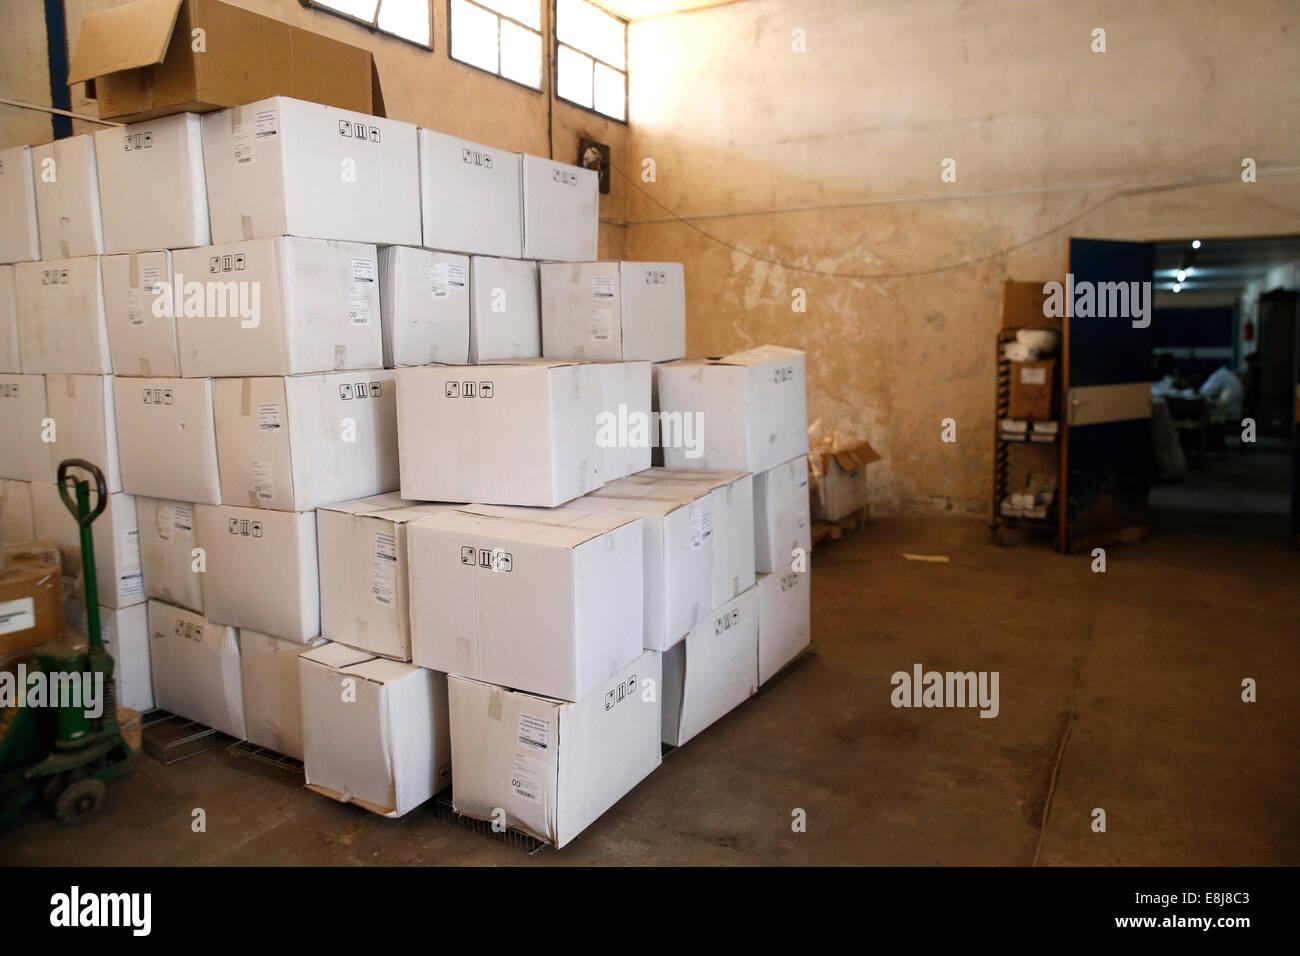 Brazzaville Hospital. Almacén de Suministros médicos. Imagen De Stock